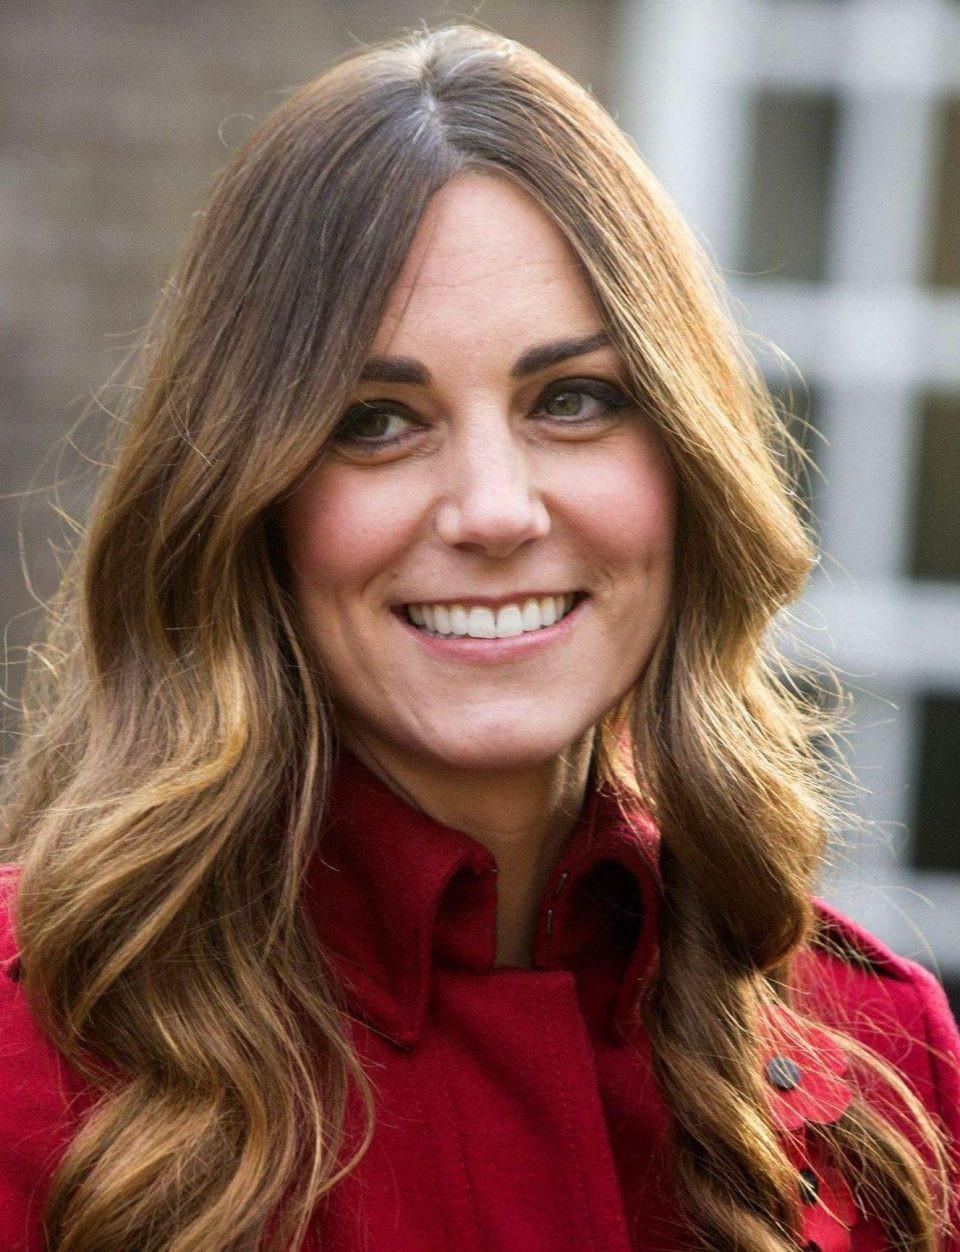 Khổ như Công nương Kate: trước bị chê tóc bạc vì kiêng nhuộm tóc khi đang cho con bú, nay lại bị nói có làn da nhăn nheo như bà cô 55 tuổi - Ảnh 6.